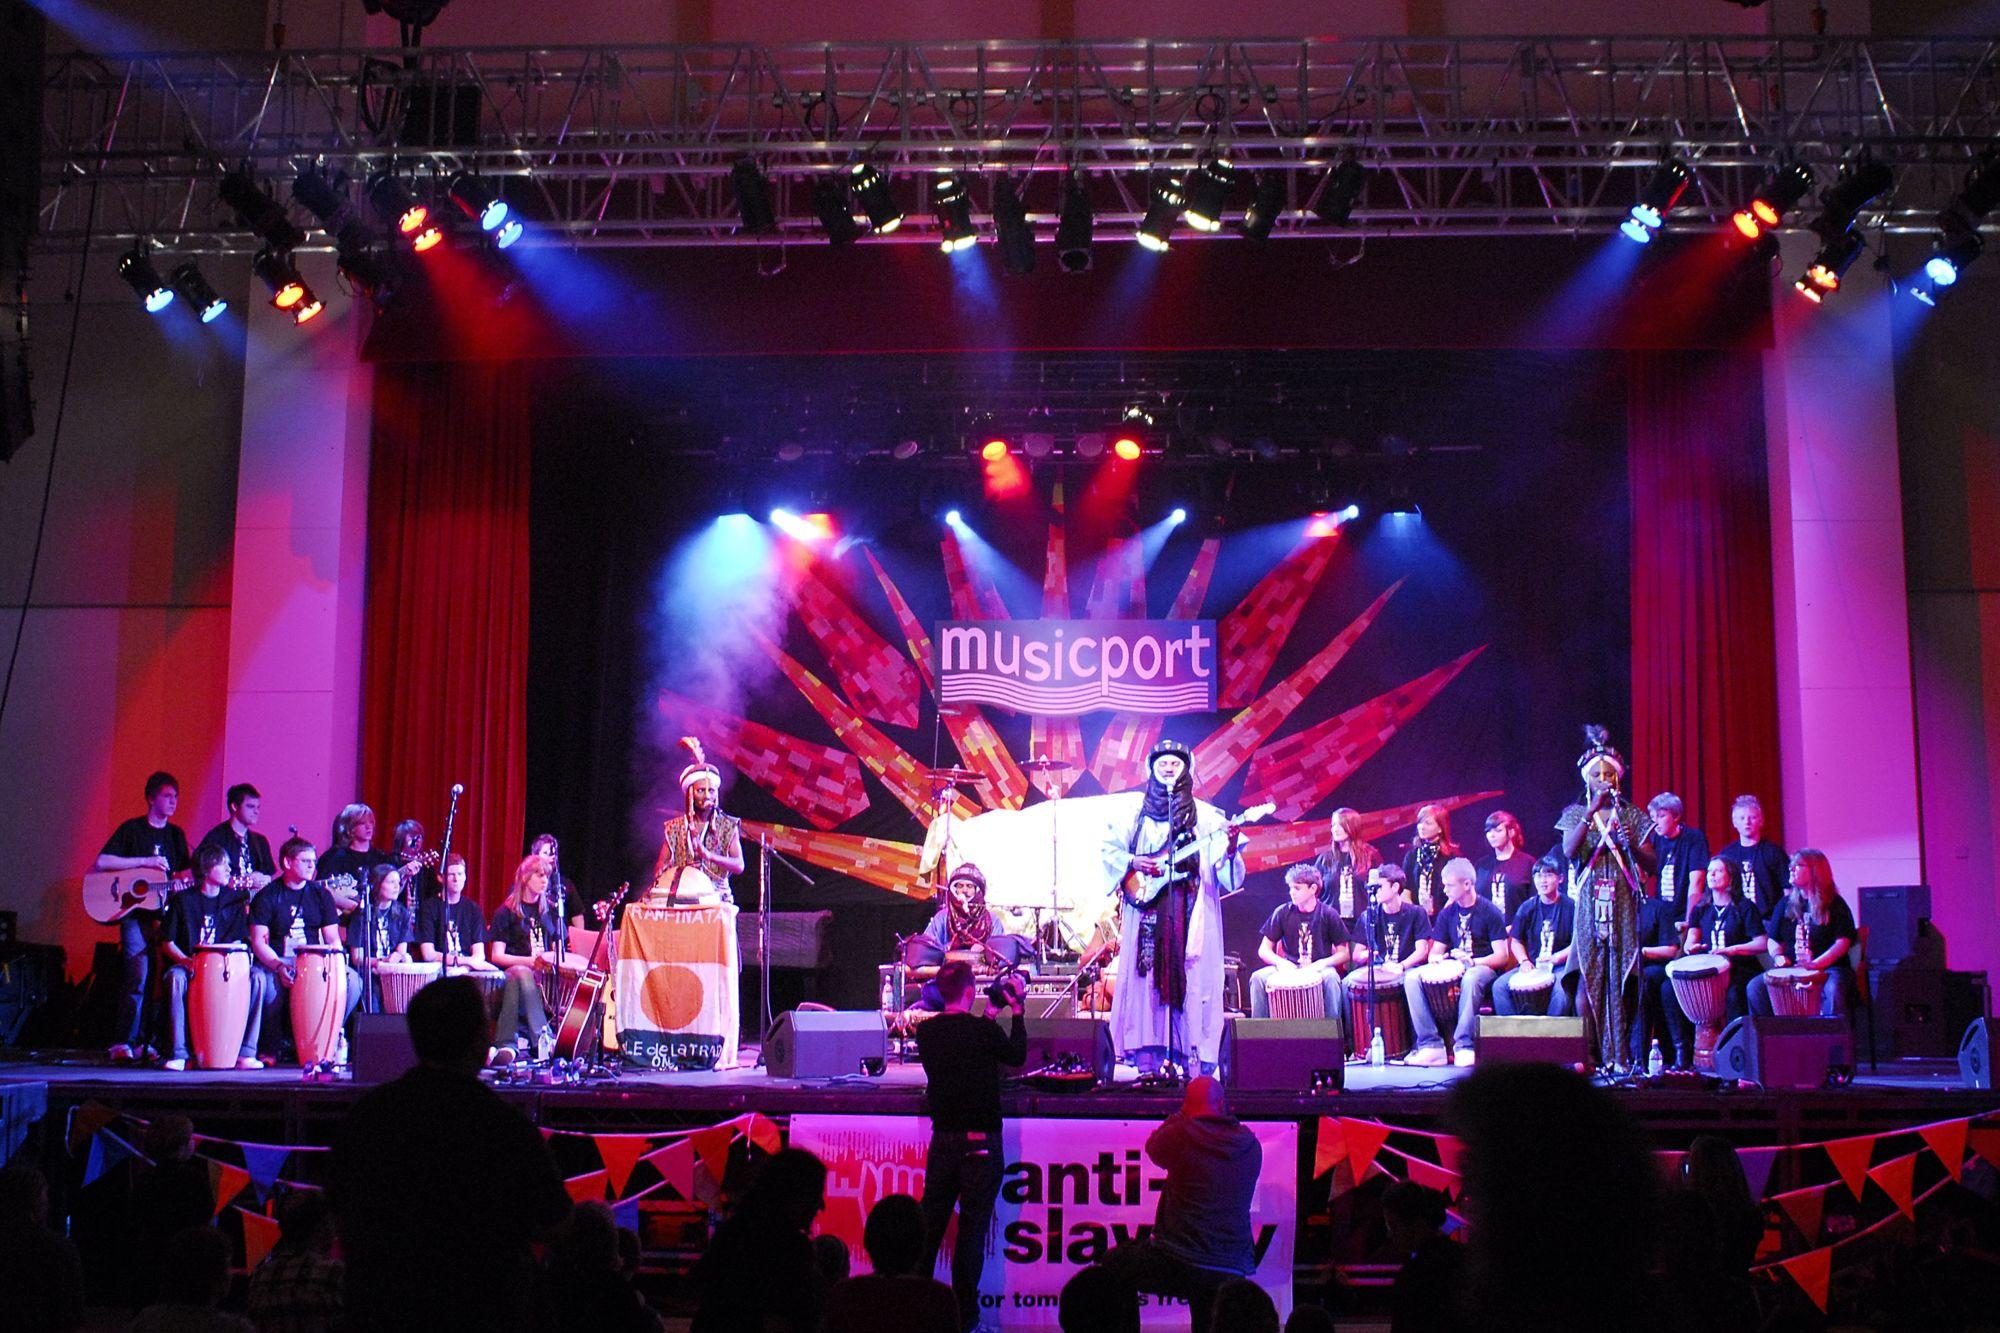 Musicport